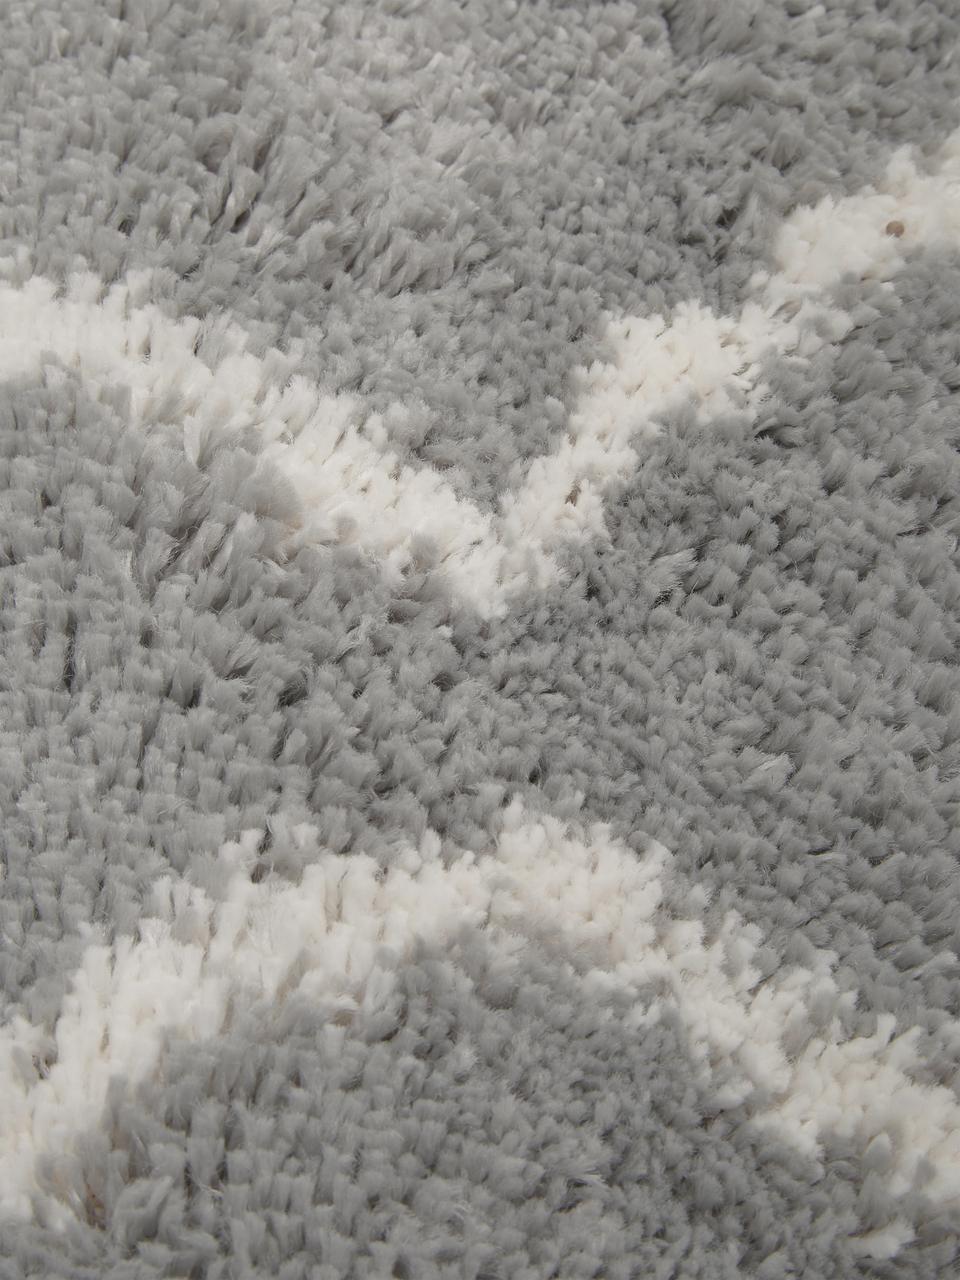 Tappeto a pelo lungo grigio/bianco crema Velma, Retro: 78% juta, 14% cotone, 8% , Grigio, bianco crema, Larg. 300 x Lung. 400 cm (taglia XL)